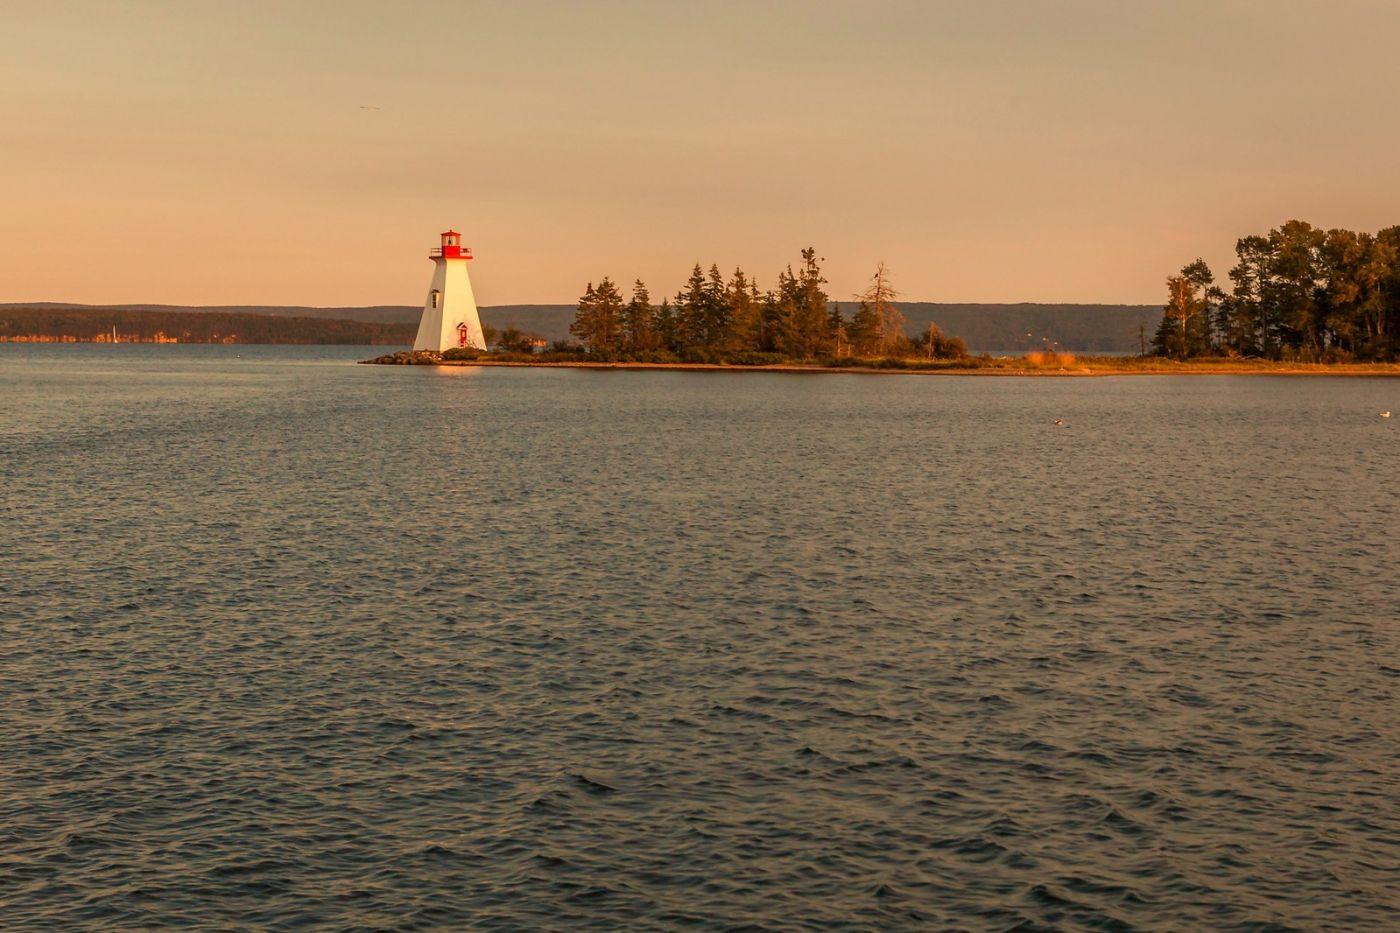 加拿大Nova Scotia, 帆船灯塔老鹰_图1-8